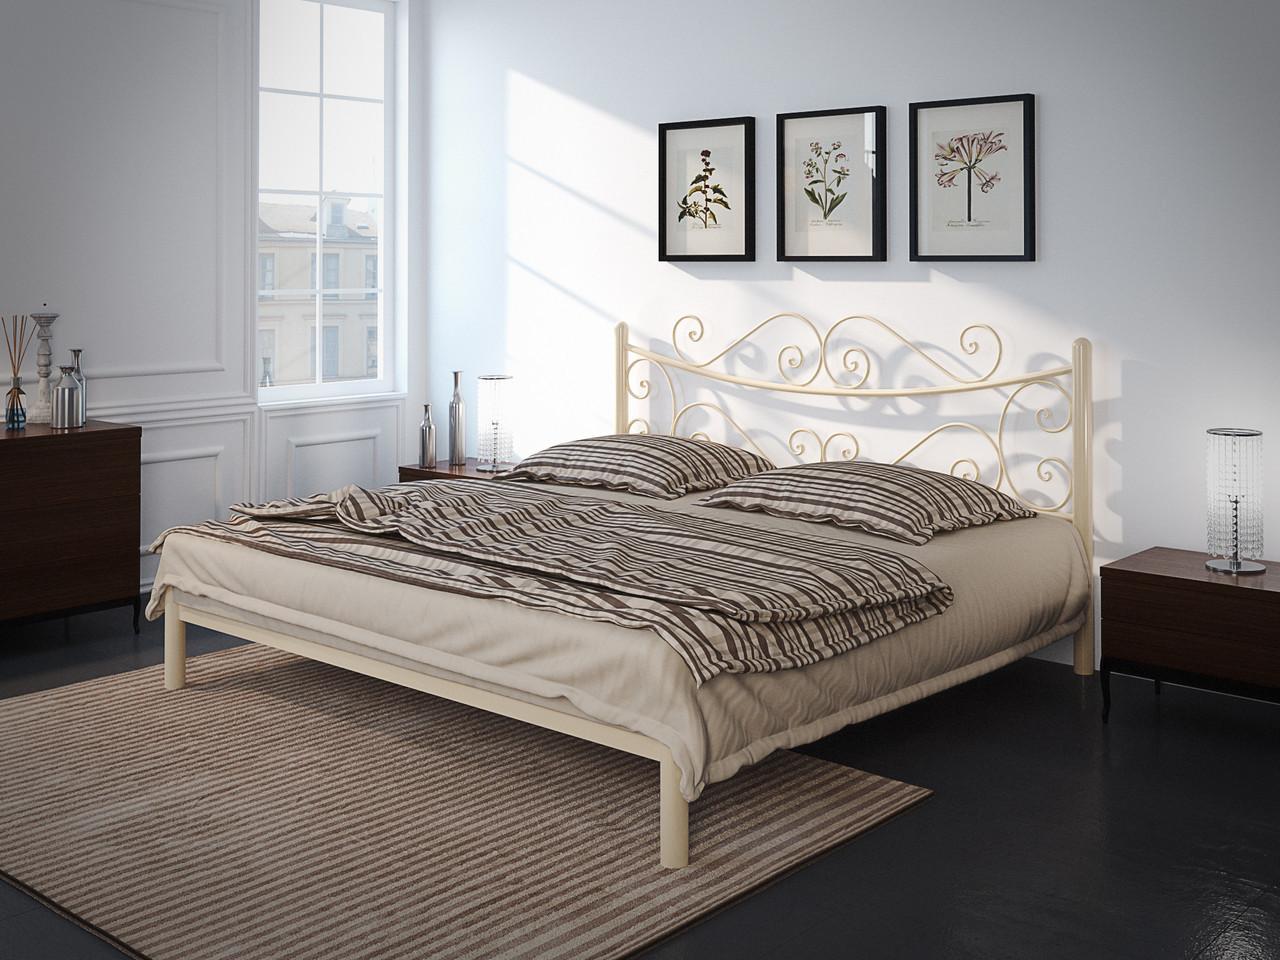 Металлическая кровать Азалия (с доставкой)